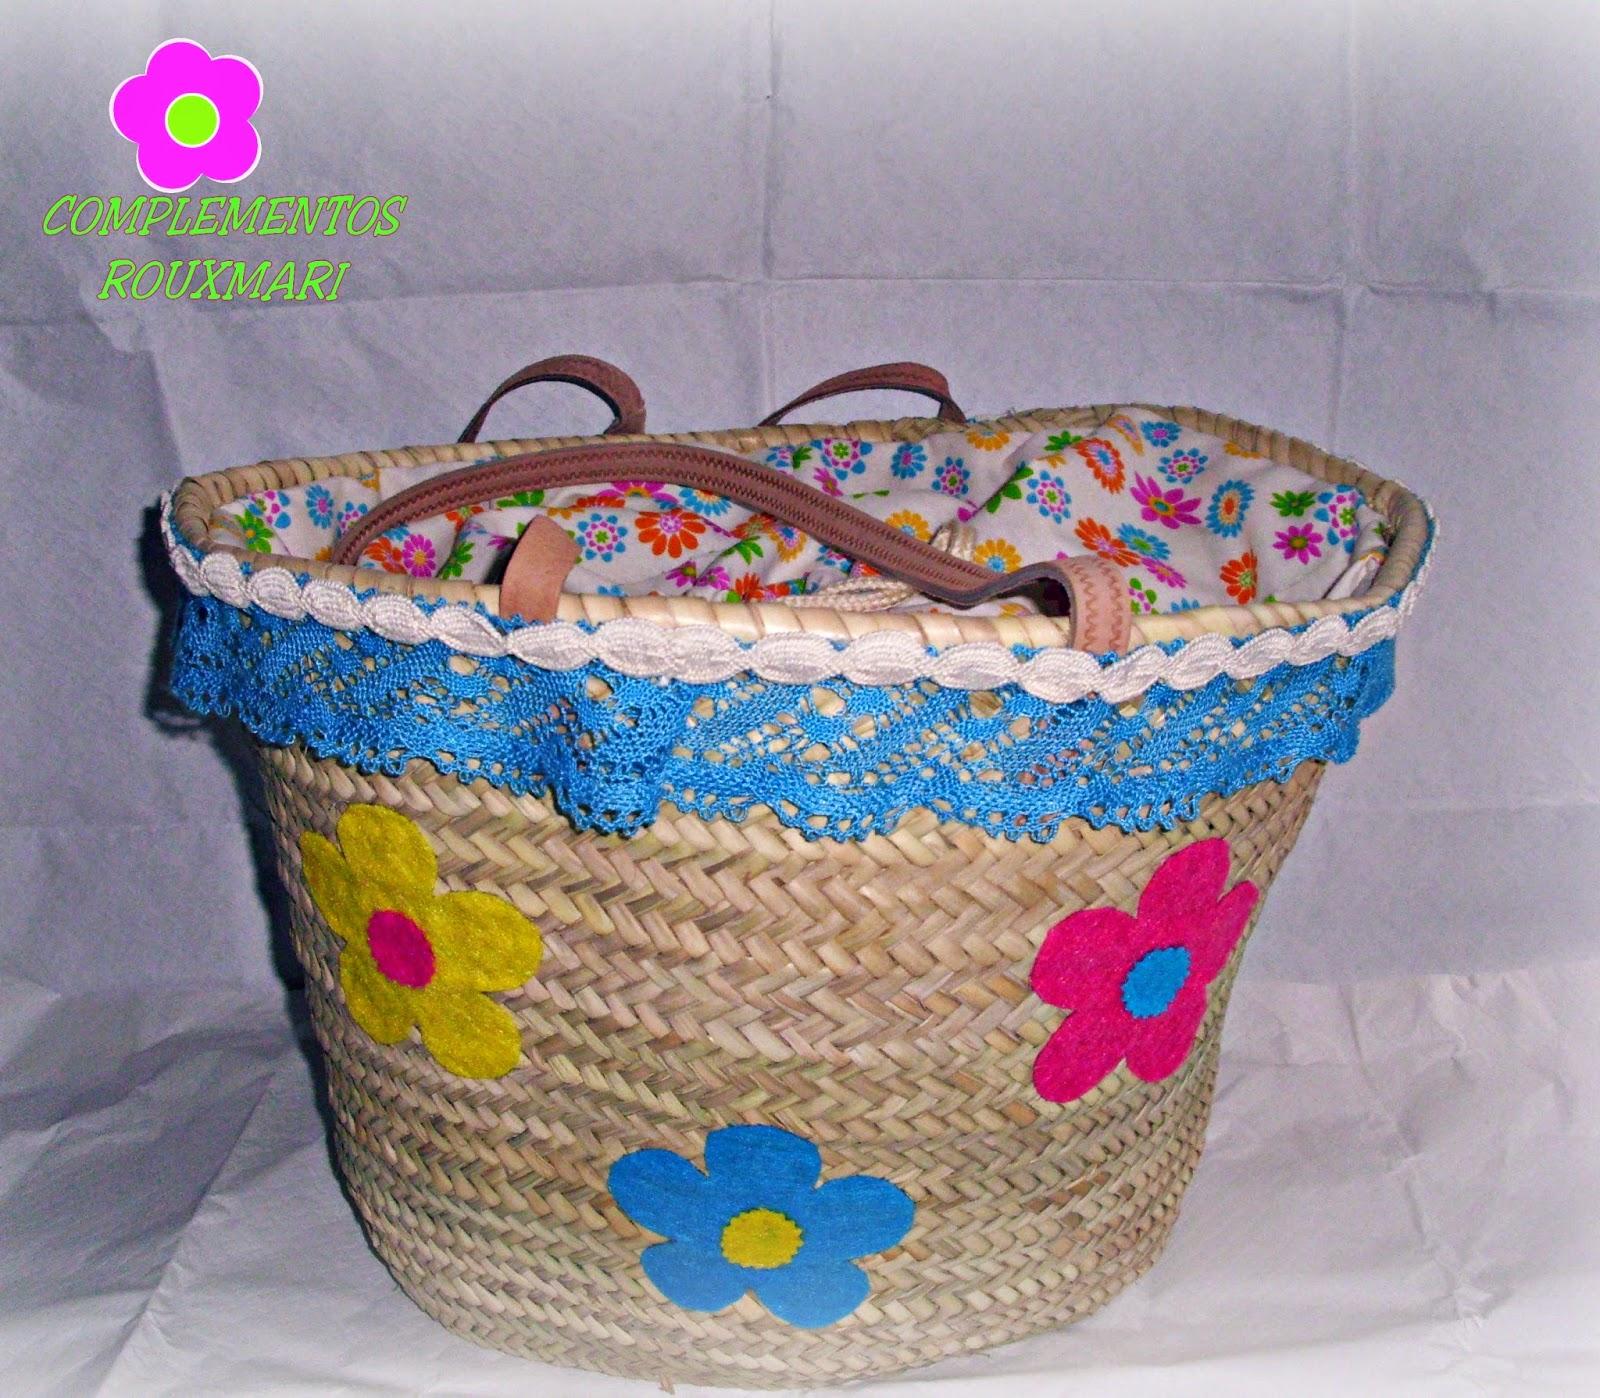 Complementos rouxmari cestas de playa - Cestas de playa personalizadas ...